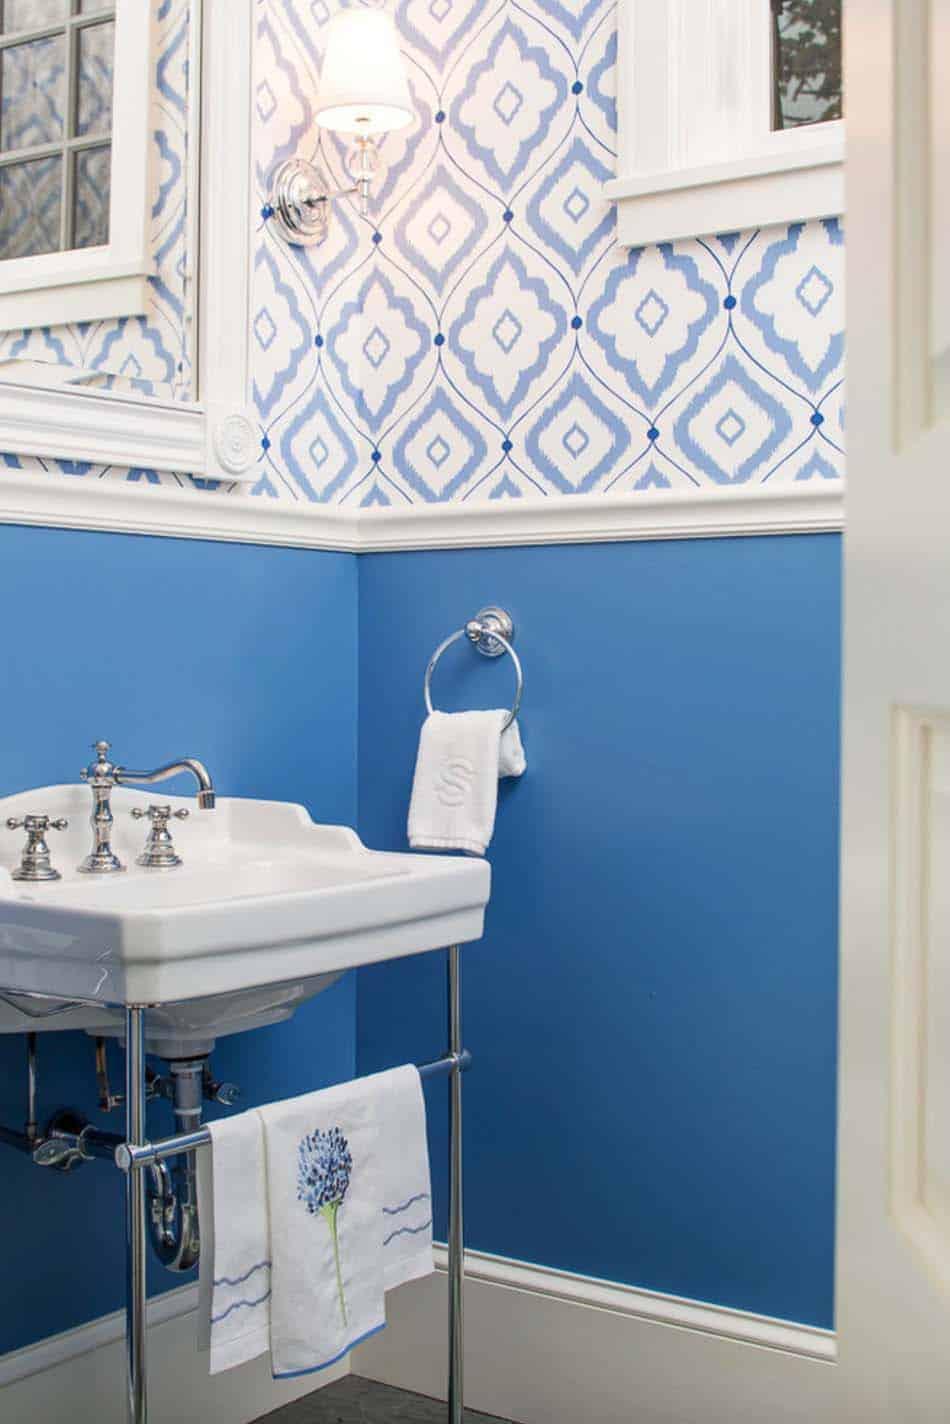 Cottage de style bardeau-WMH Architects-16-1 Kindesign